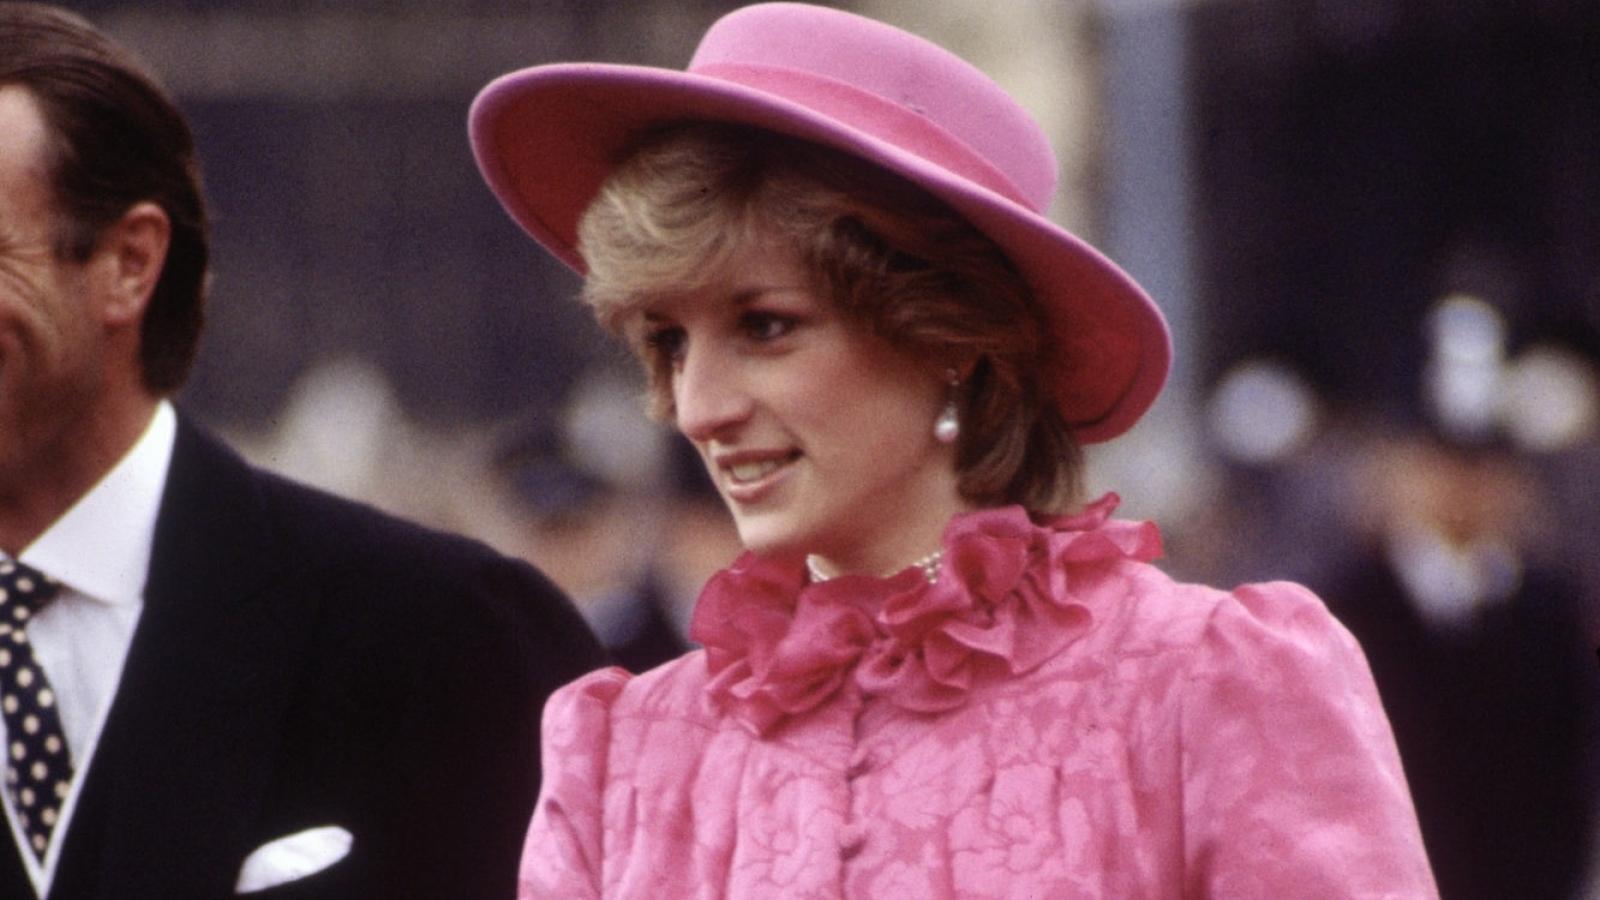 Diện trang phục màu hồng rực rỡ, thanh lịch như công nương Diana